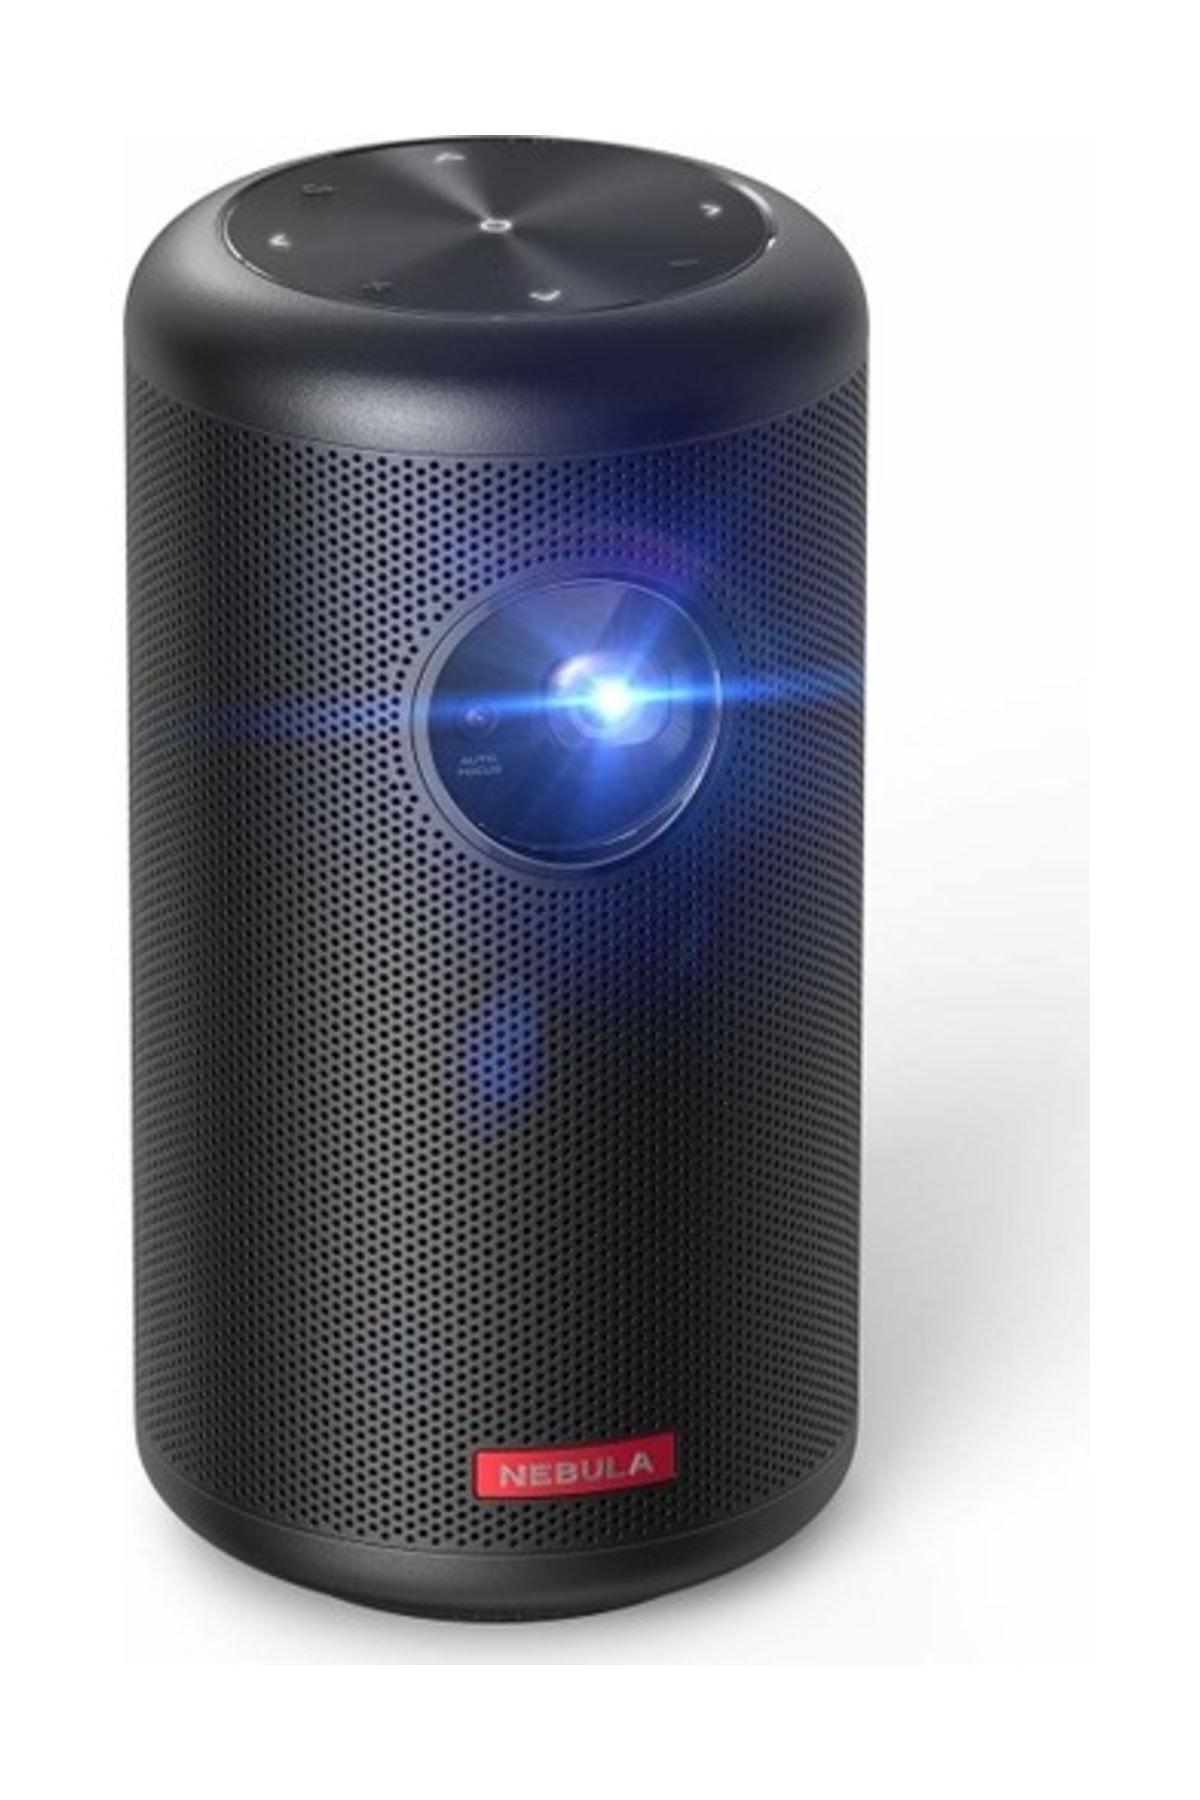 Nebula Capsule Iı Akıllı Mini Portatif Projeksiyon 200 Lumen 720p Hd Hoparlör Cep Sineması